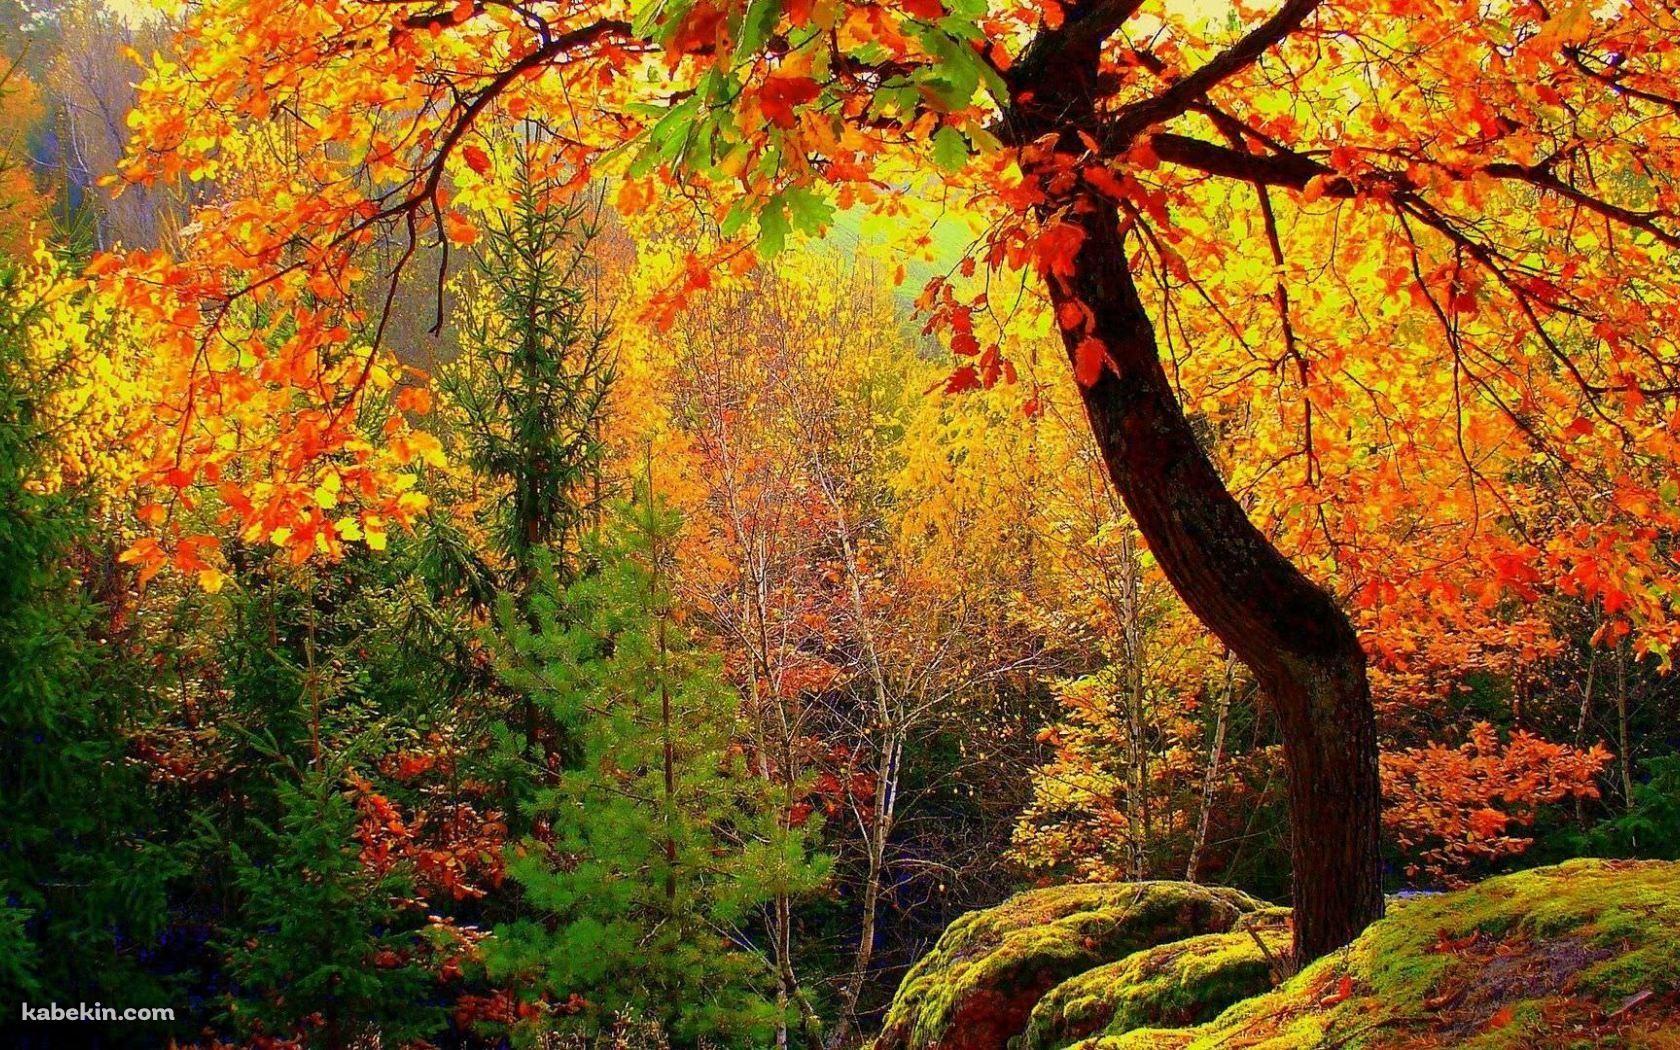 秋 黄金色の景色の壁紙 画像あり 壁紙 景色 Pc用壁紙